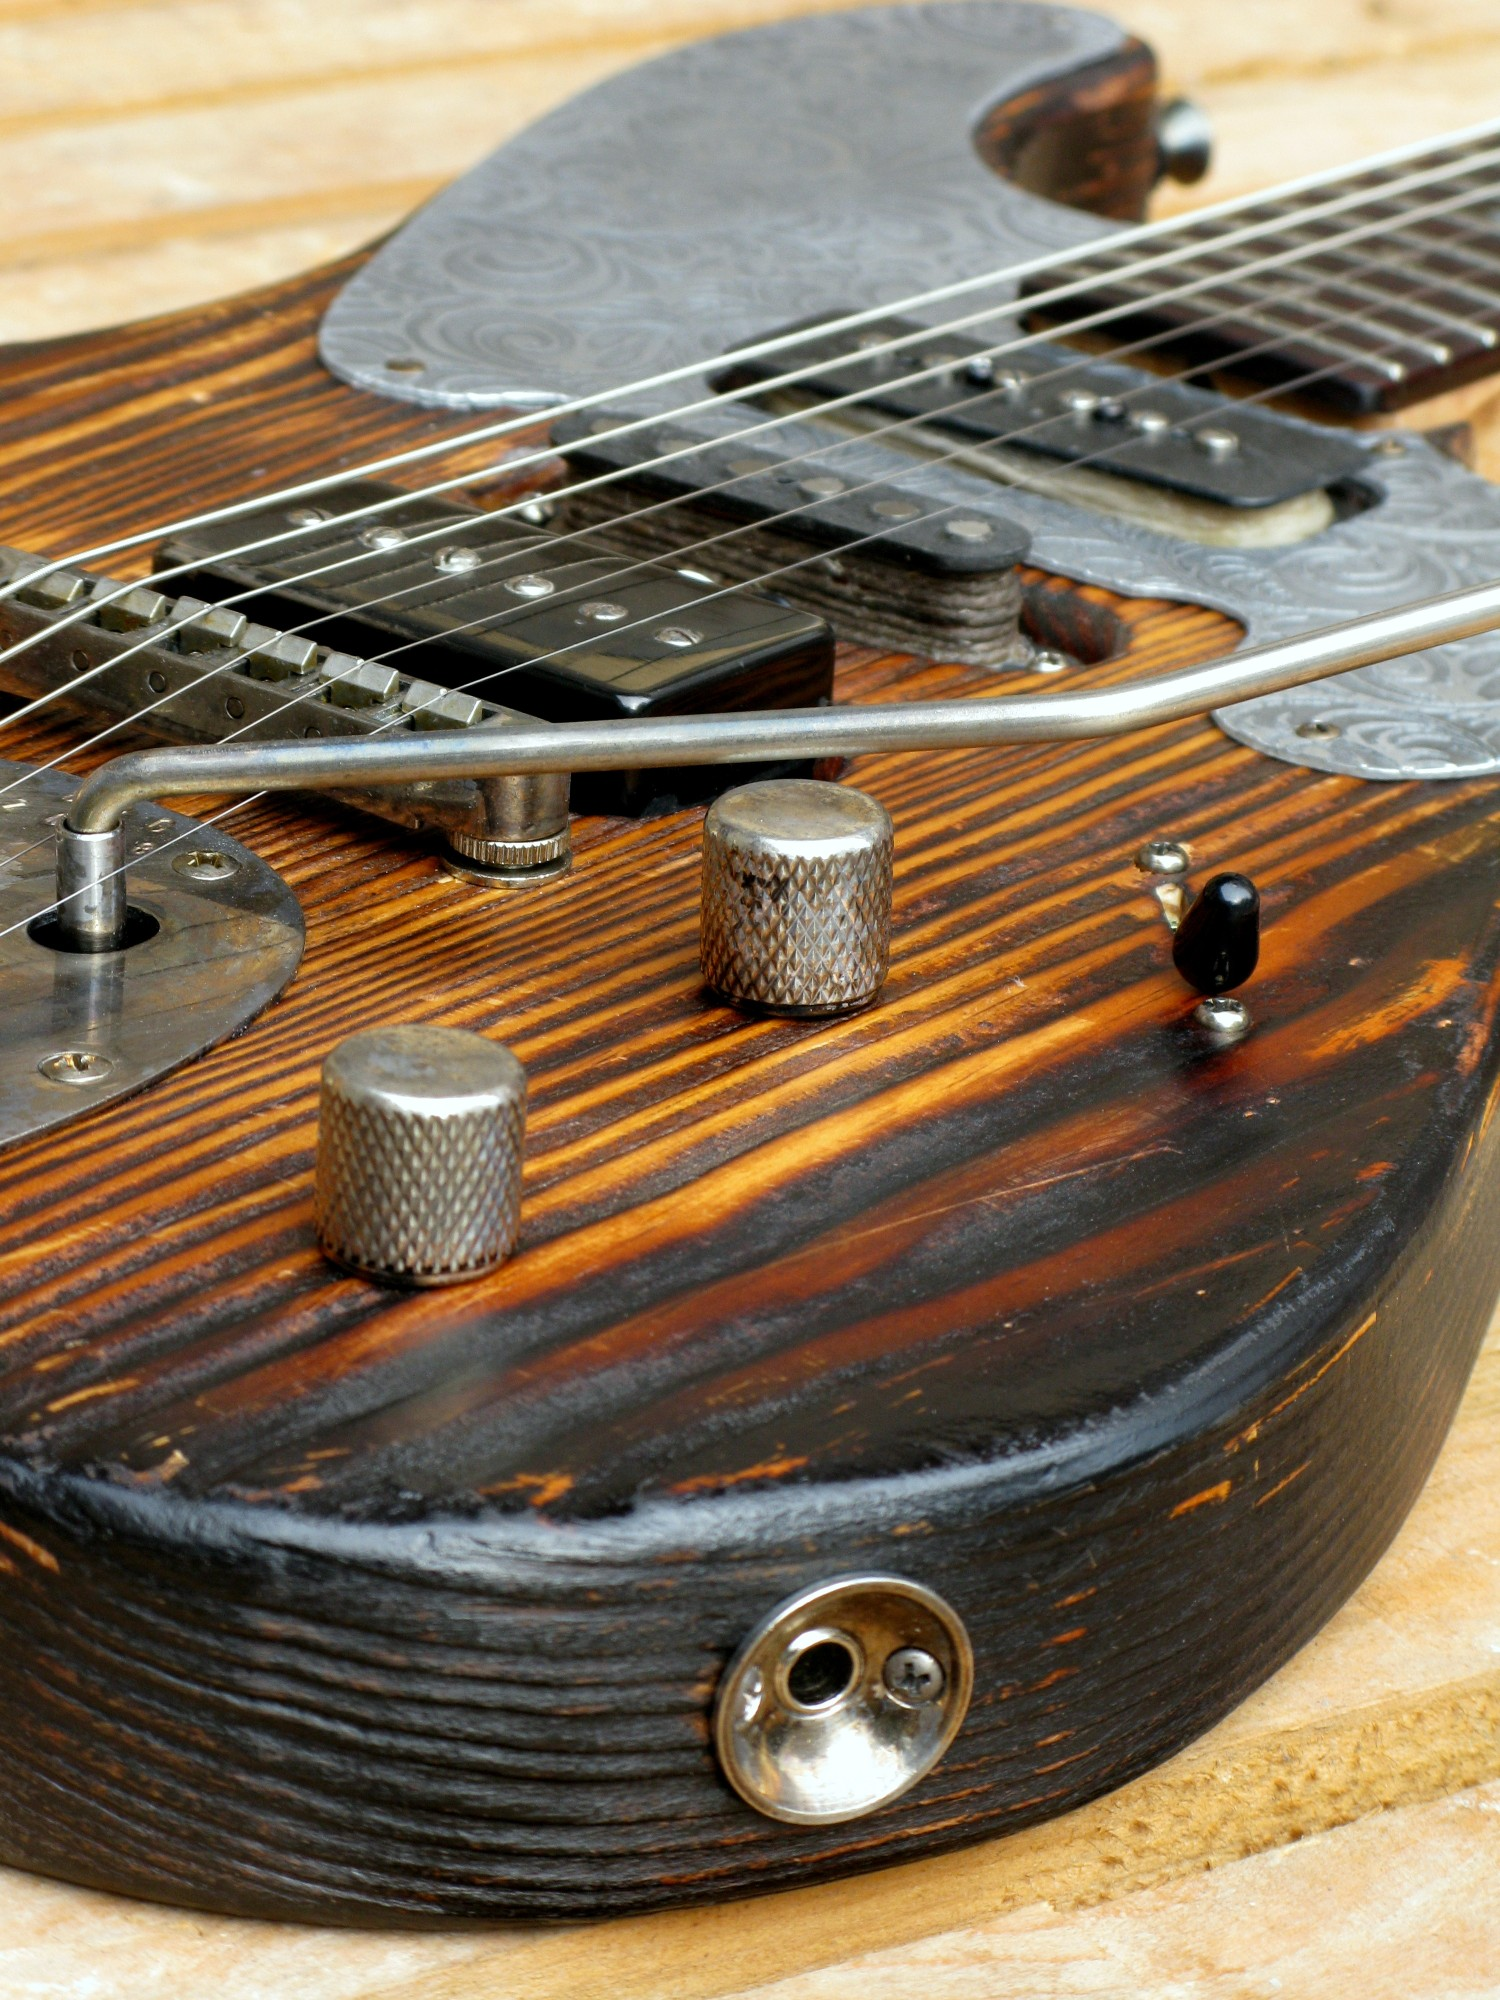 Chitarra modello Stratocaster, body in pino, manico in frassino, reverse: tremolo e pickups